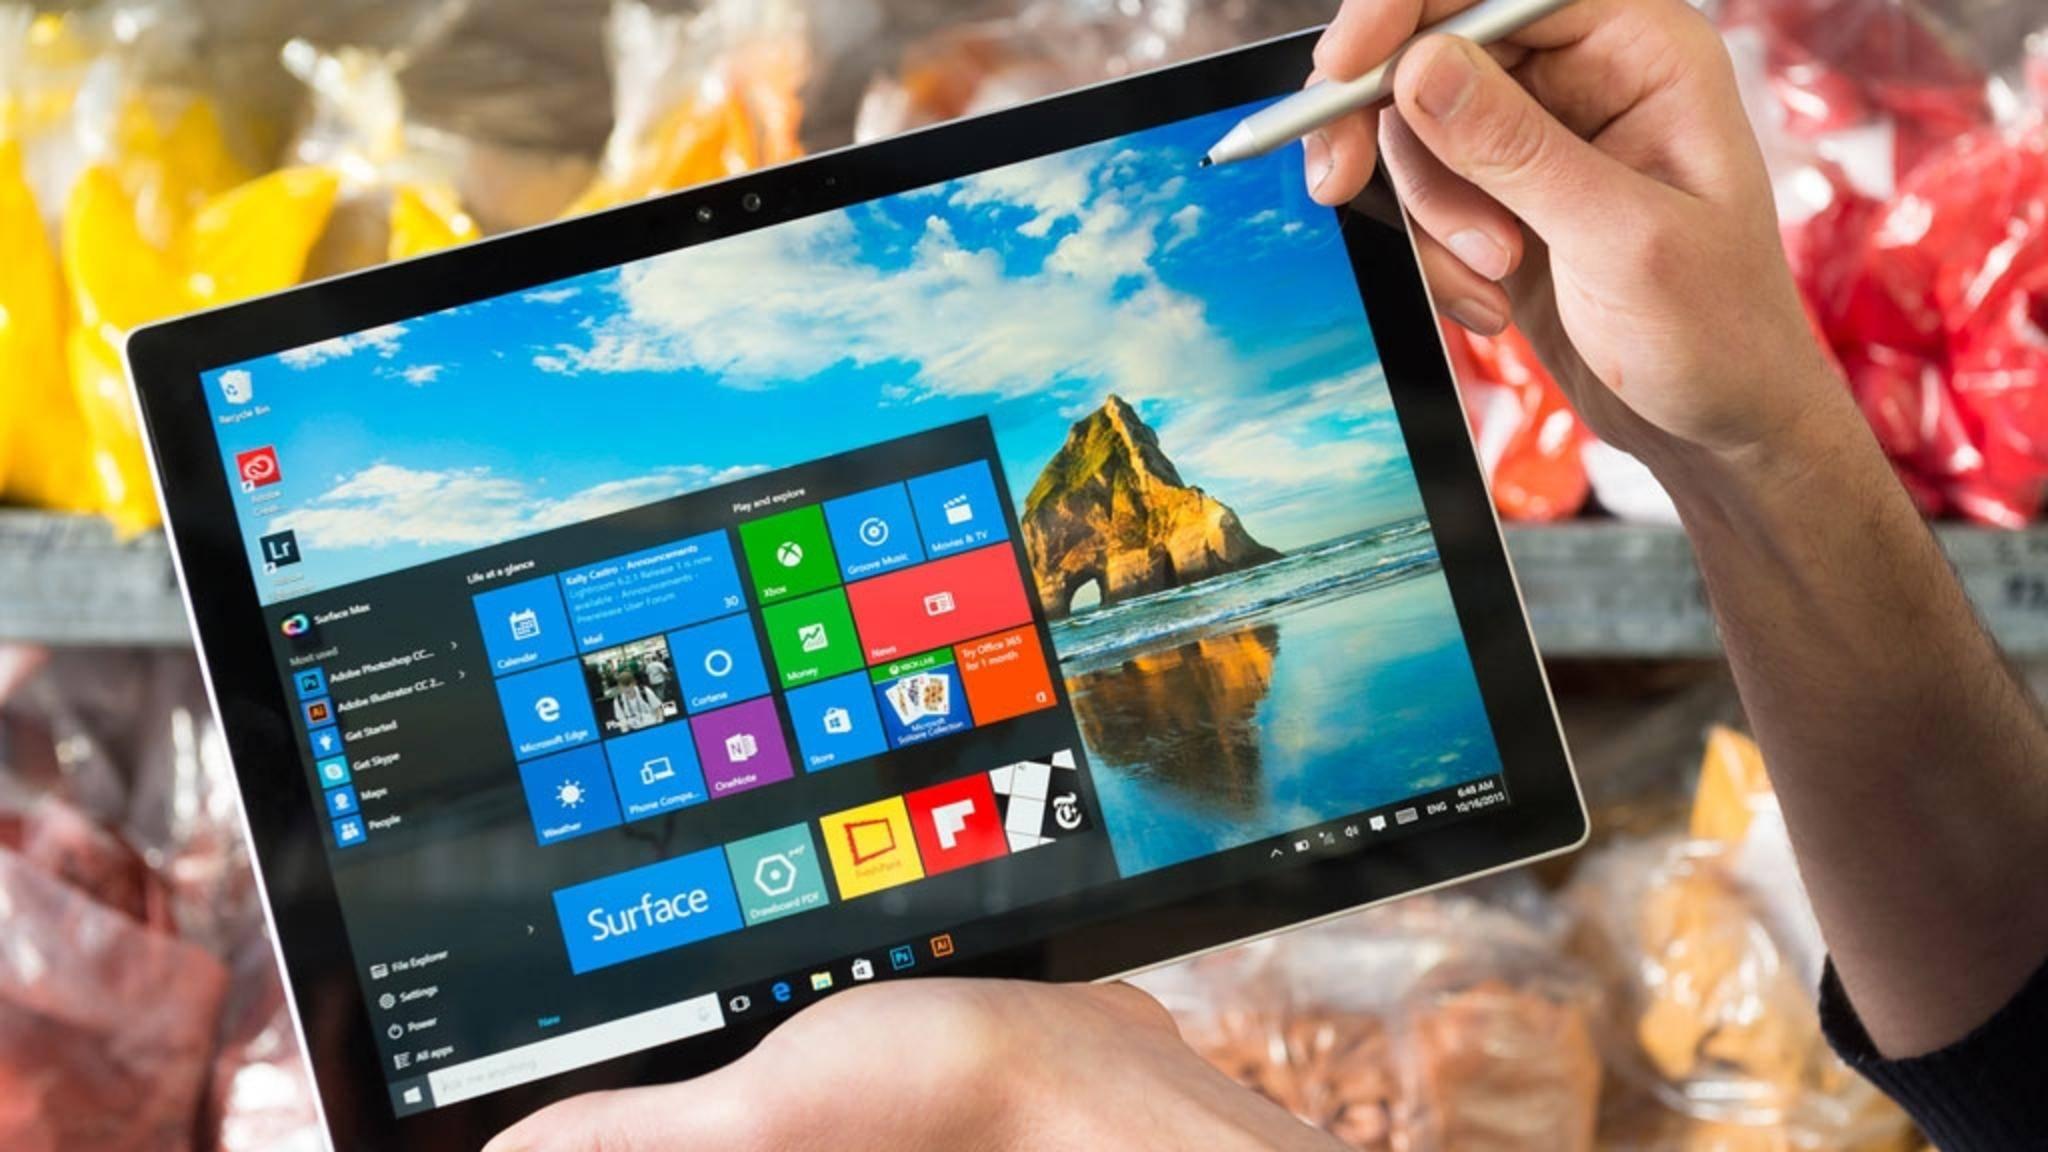 Windows 10-Geräte sollen ab 2017 auch mit Snapdragon-Prozessoren ausgestattet werden.